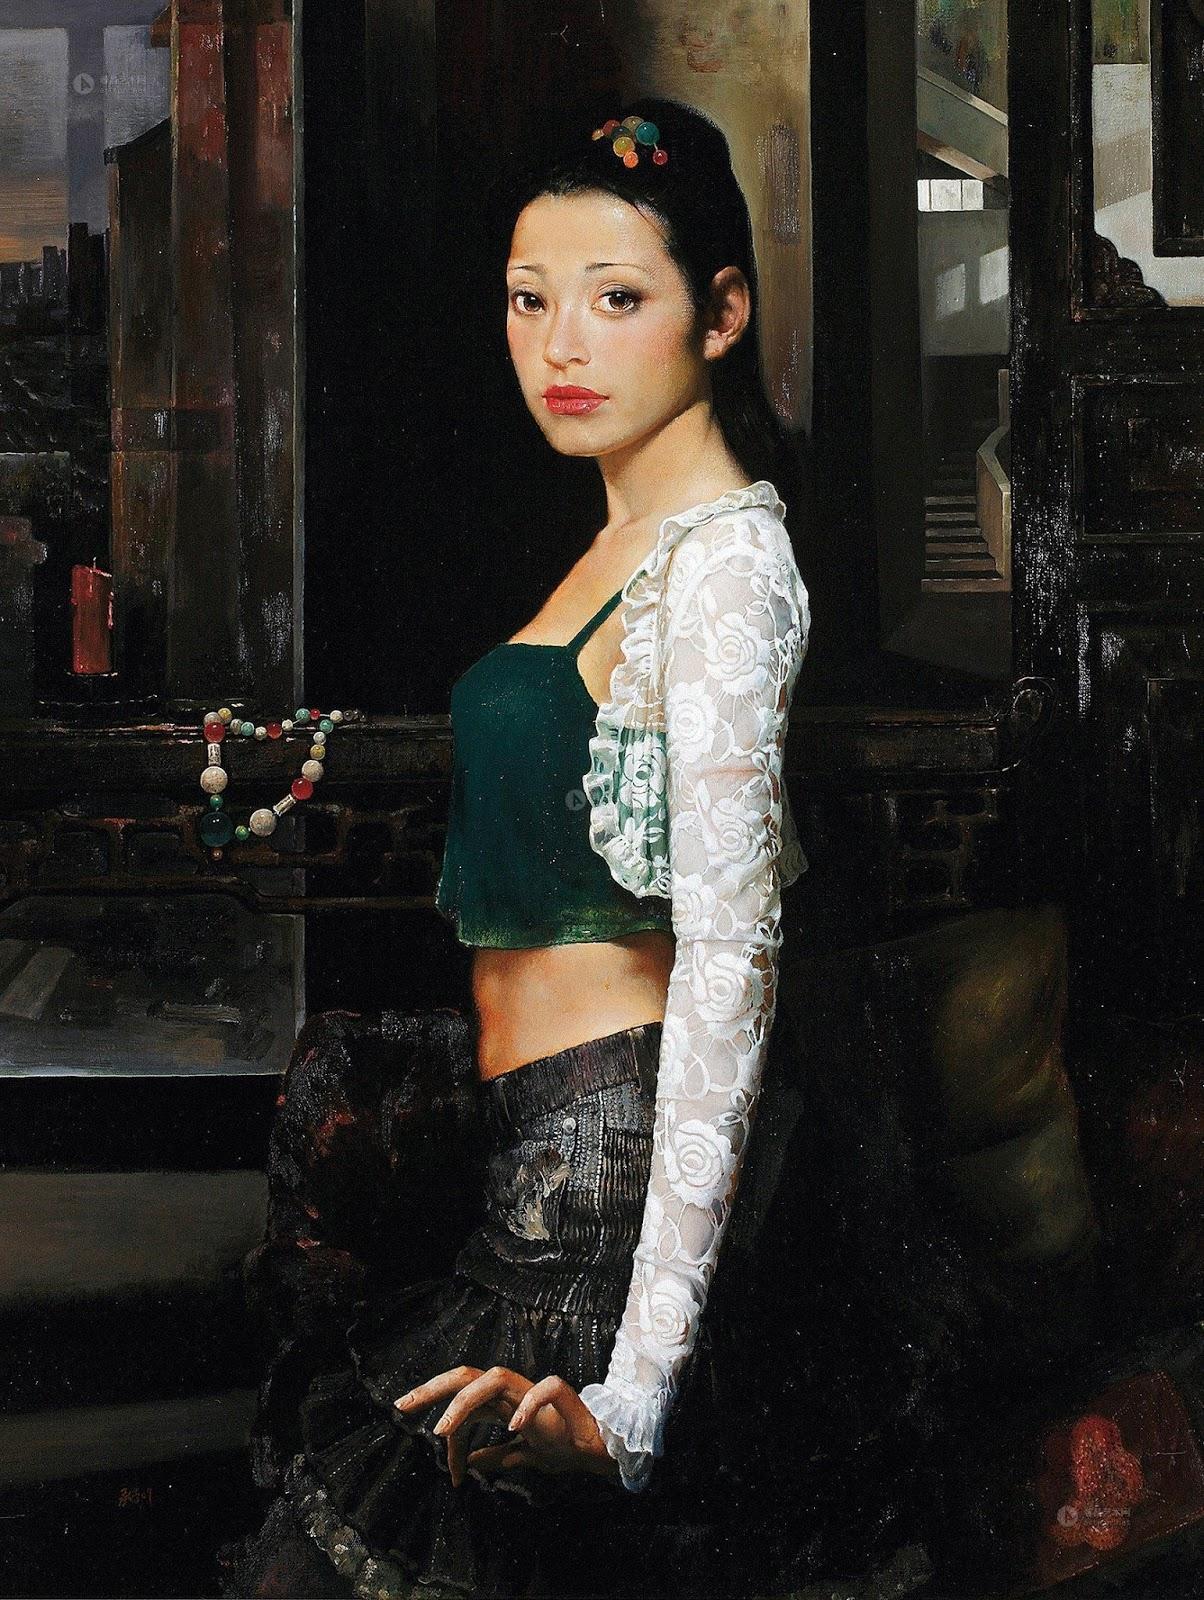 Alice Bellagamba (born 1987),Kay Sutton Porno fotos Midori,Sipora Gurung